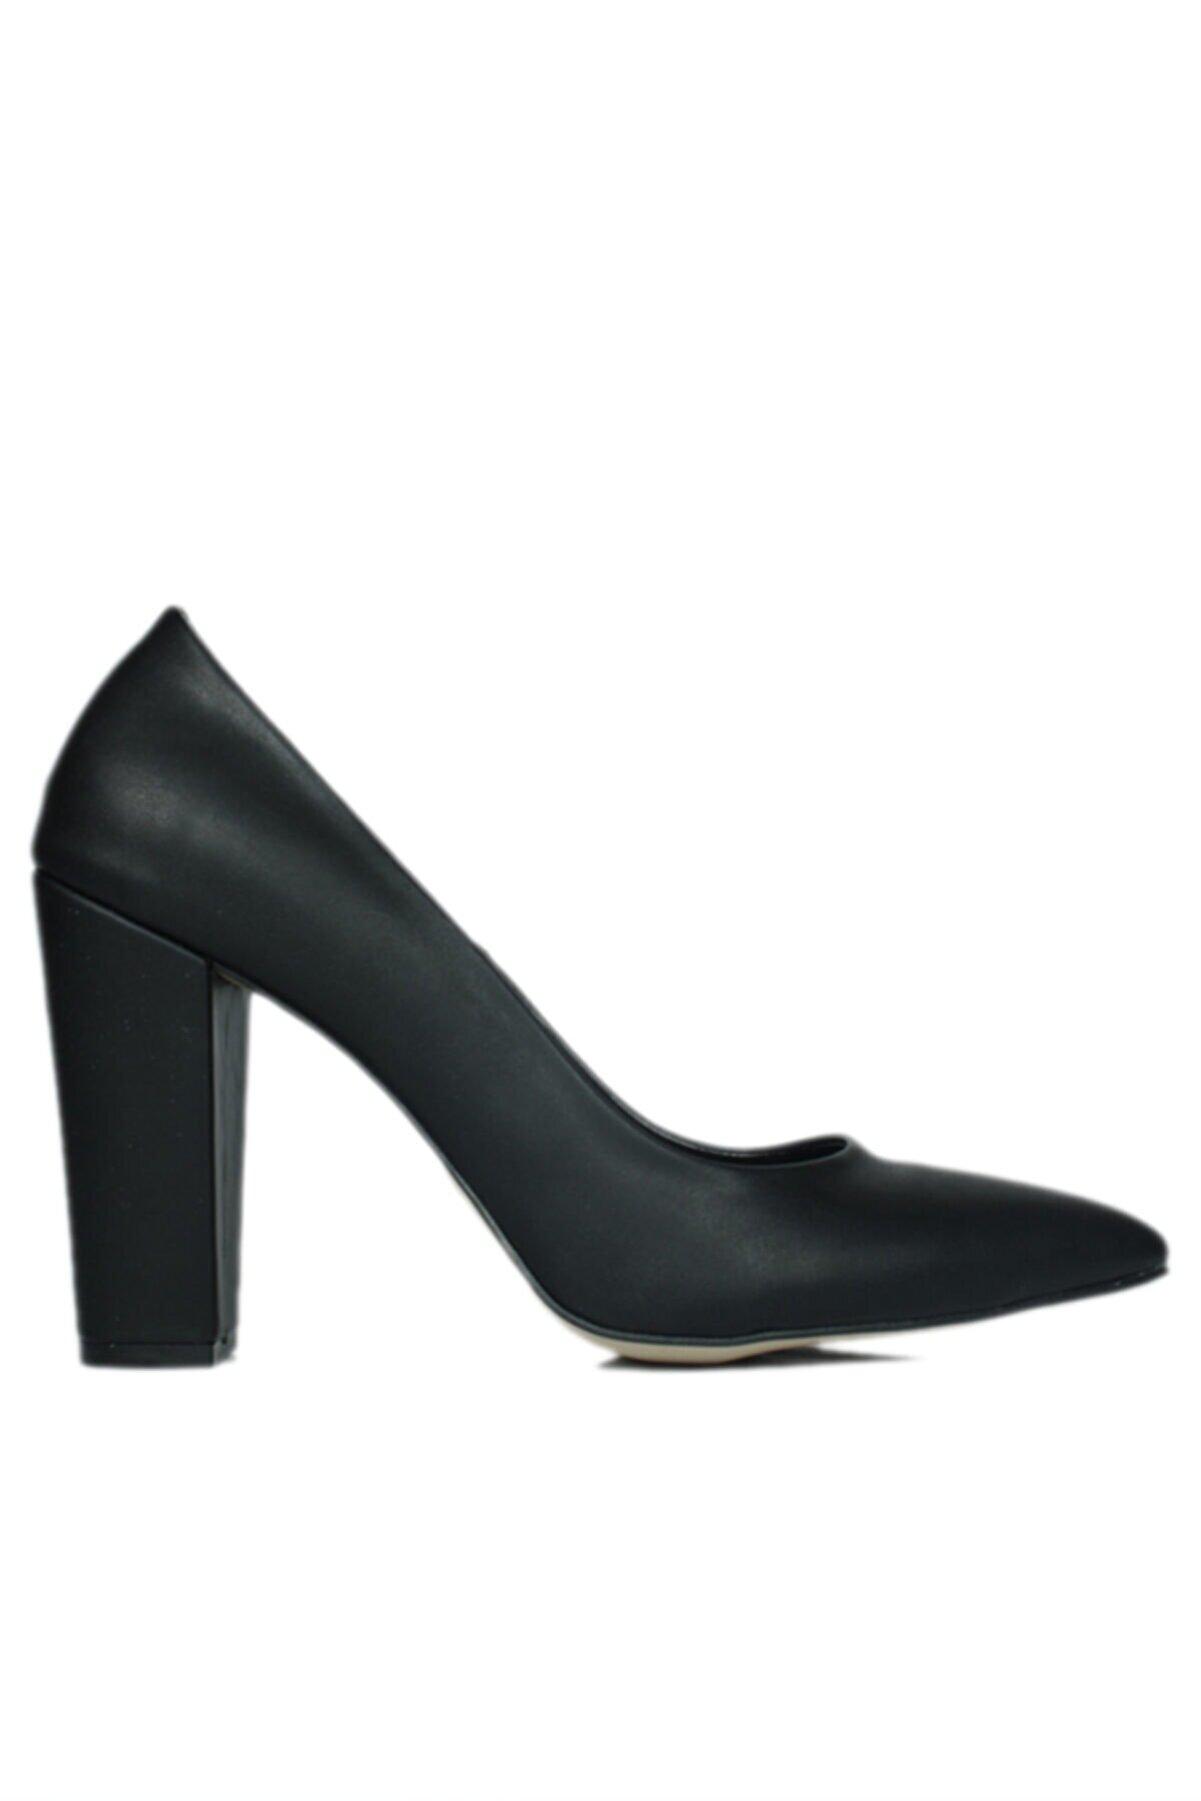 Fitbas 520121 014 Kadın Siyah Büyük & Küçük Numara Stiletto